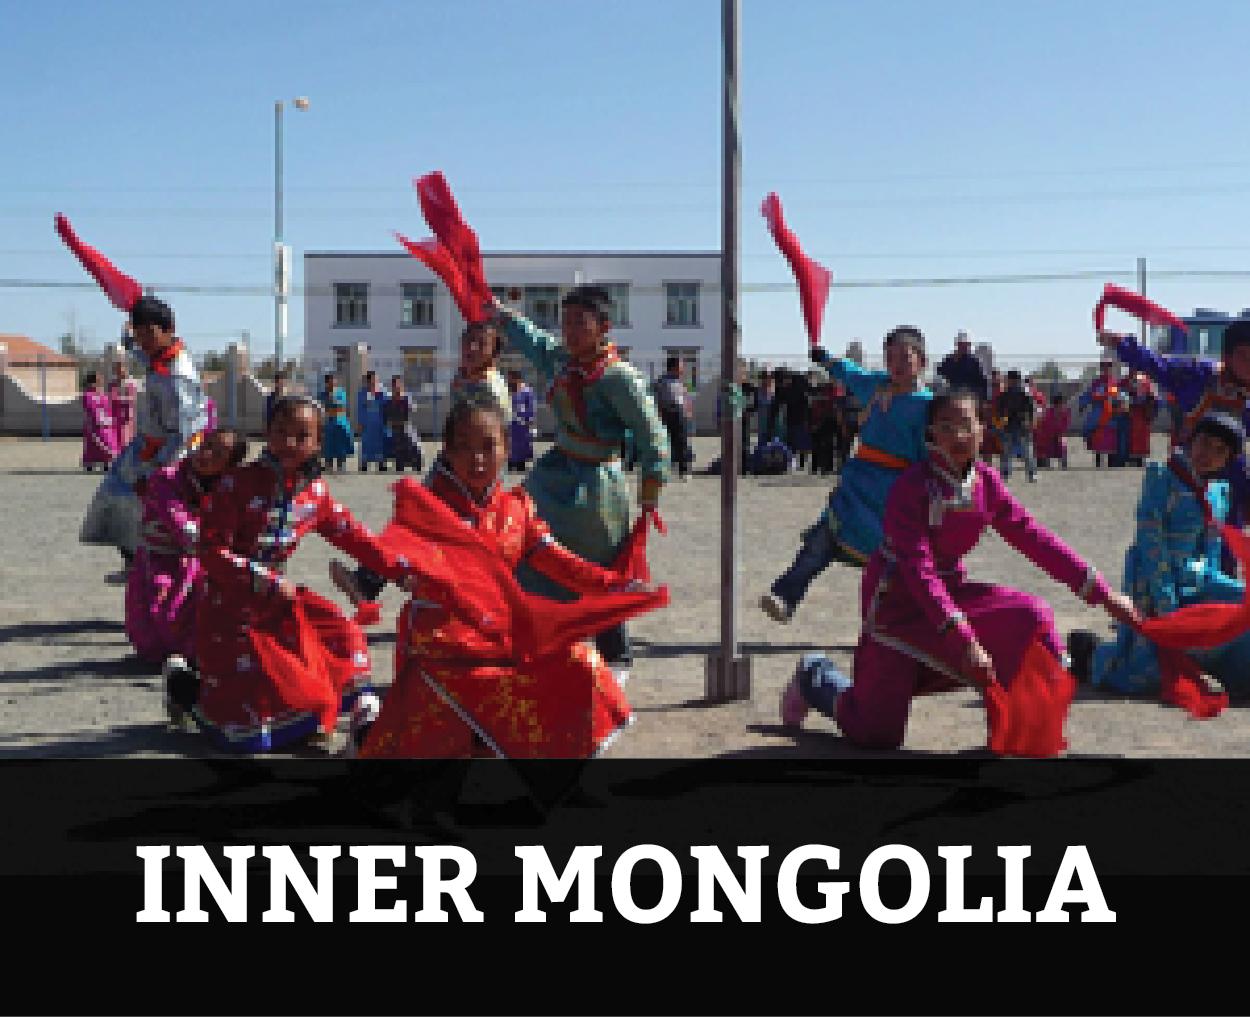 B4_inner mongolia